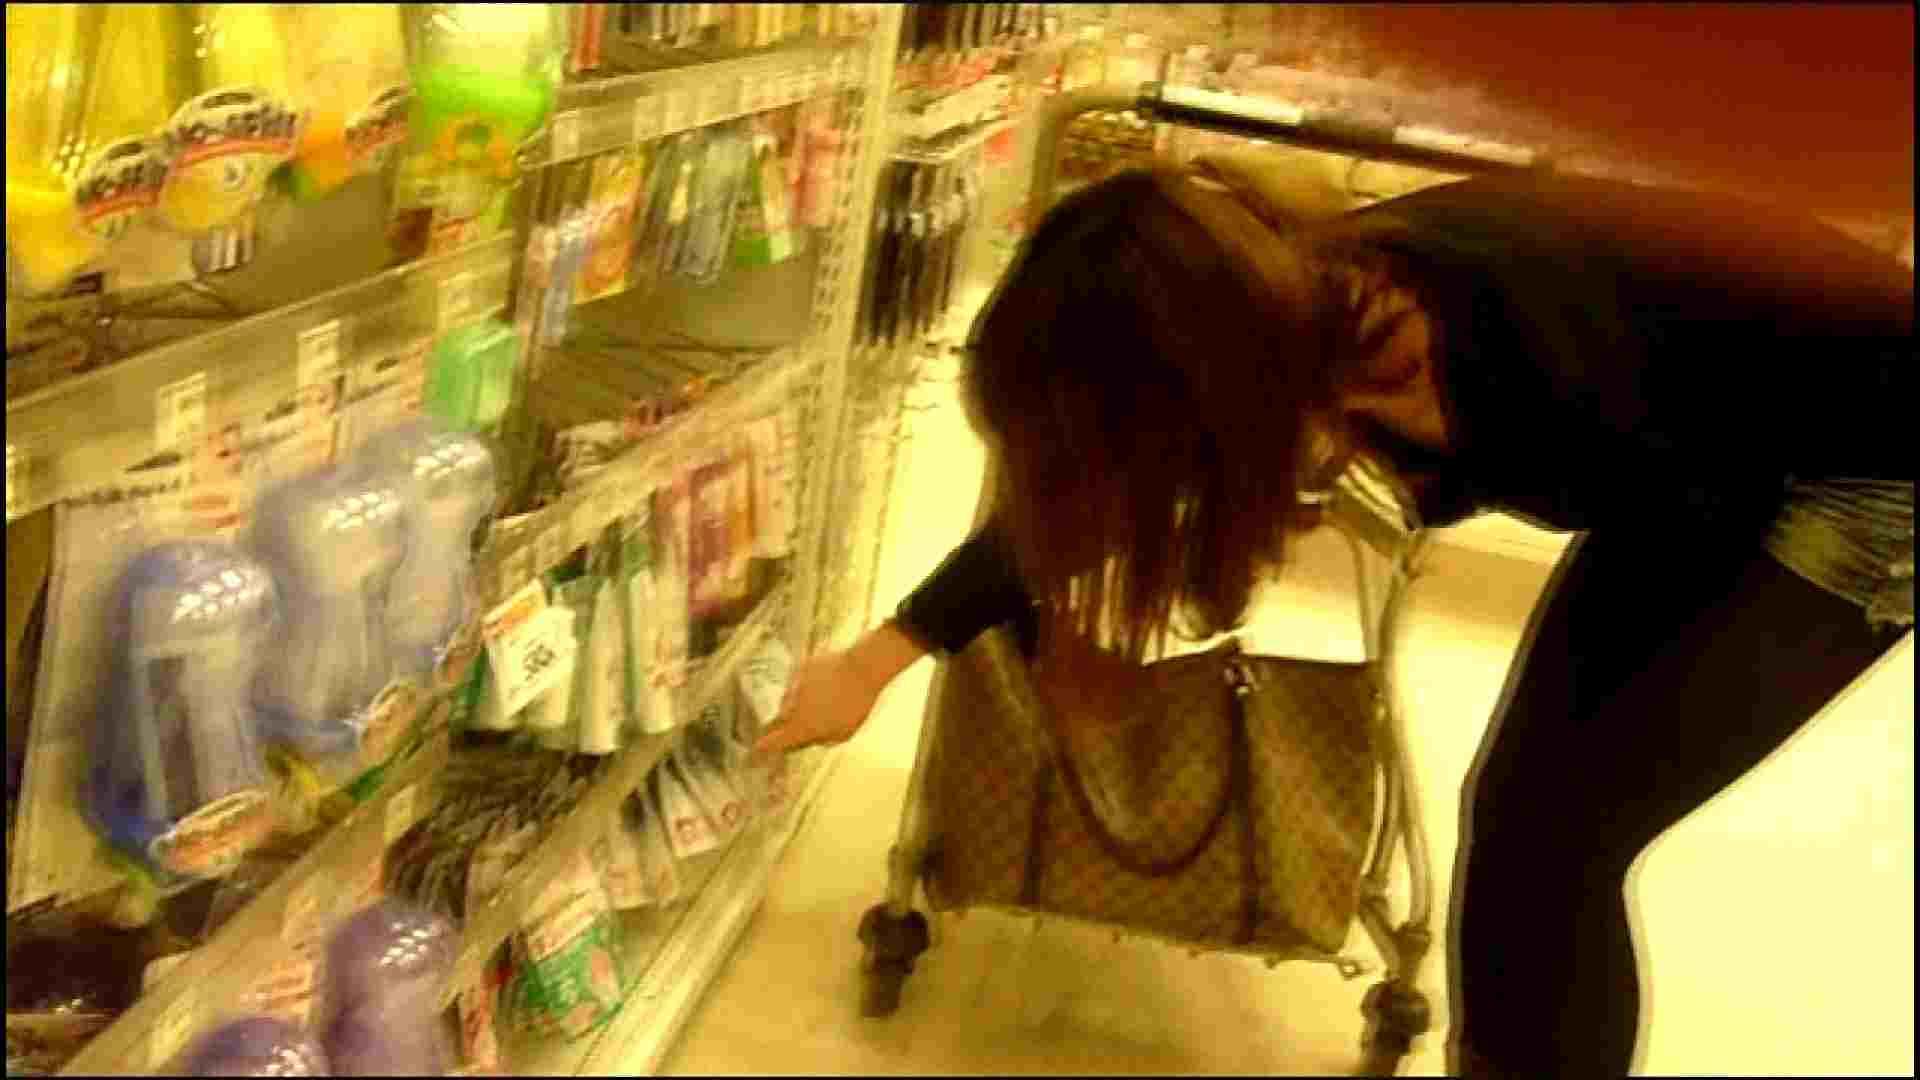 NO.1 ベビーコーナーにいた美人ママさん 胸チラ 隠し撮りAV無料 28pic 11